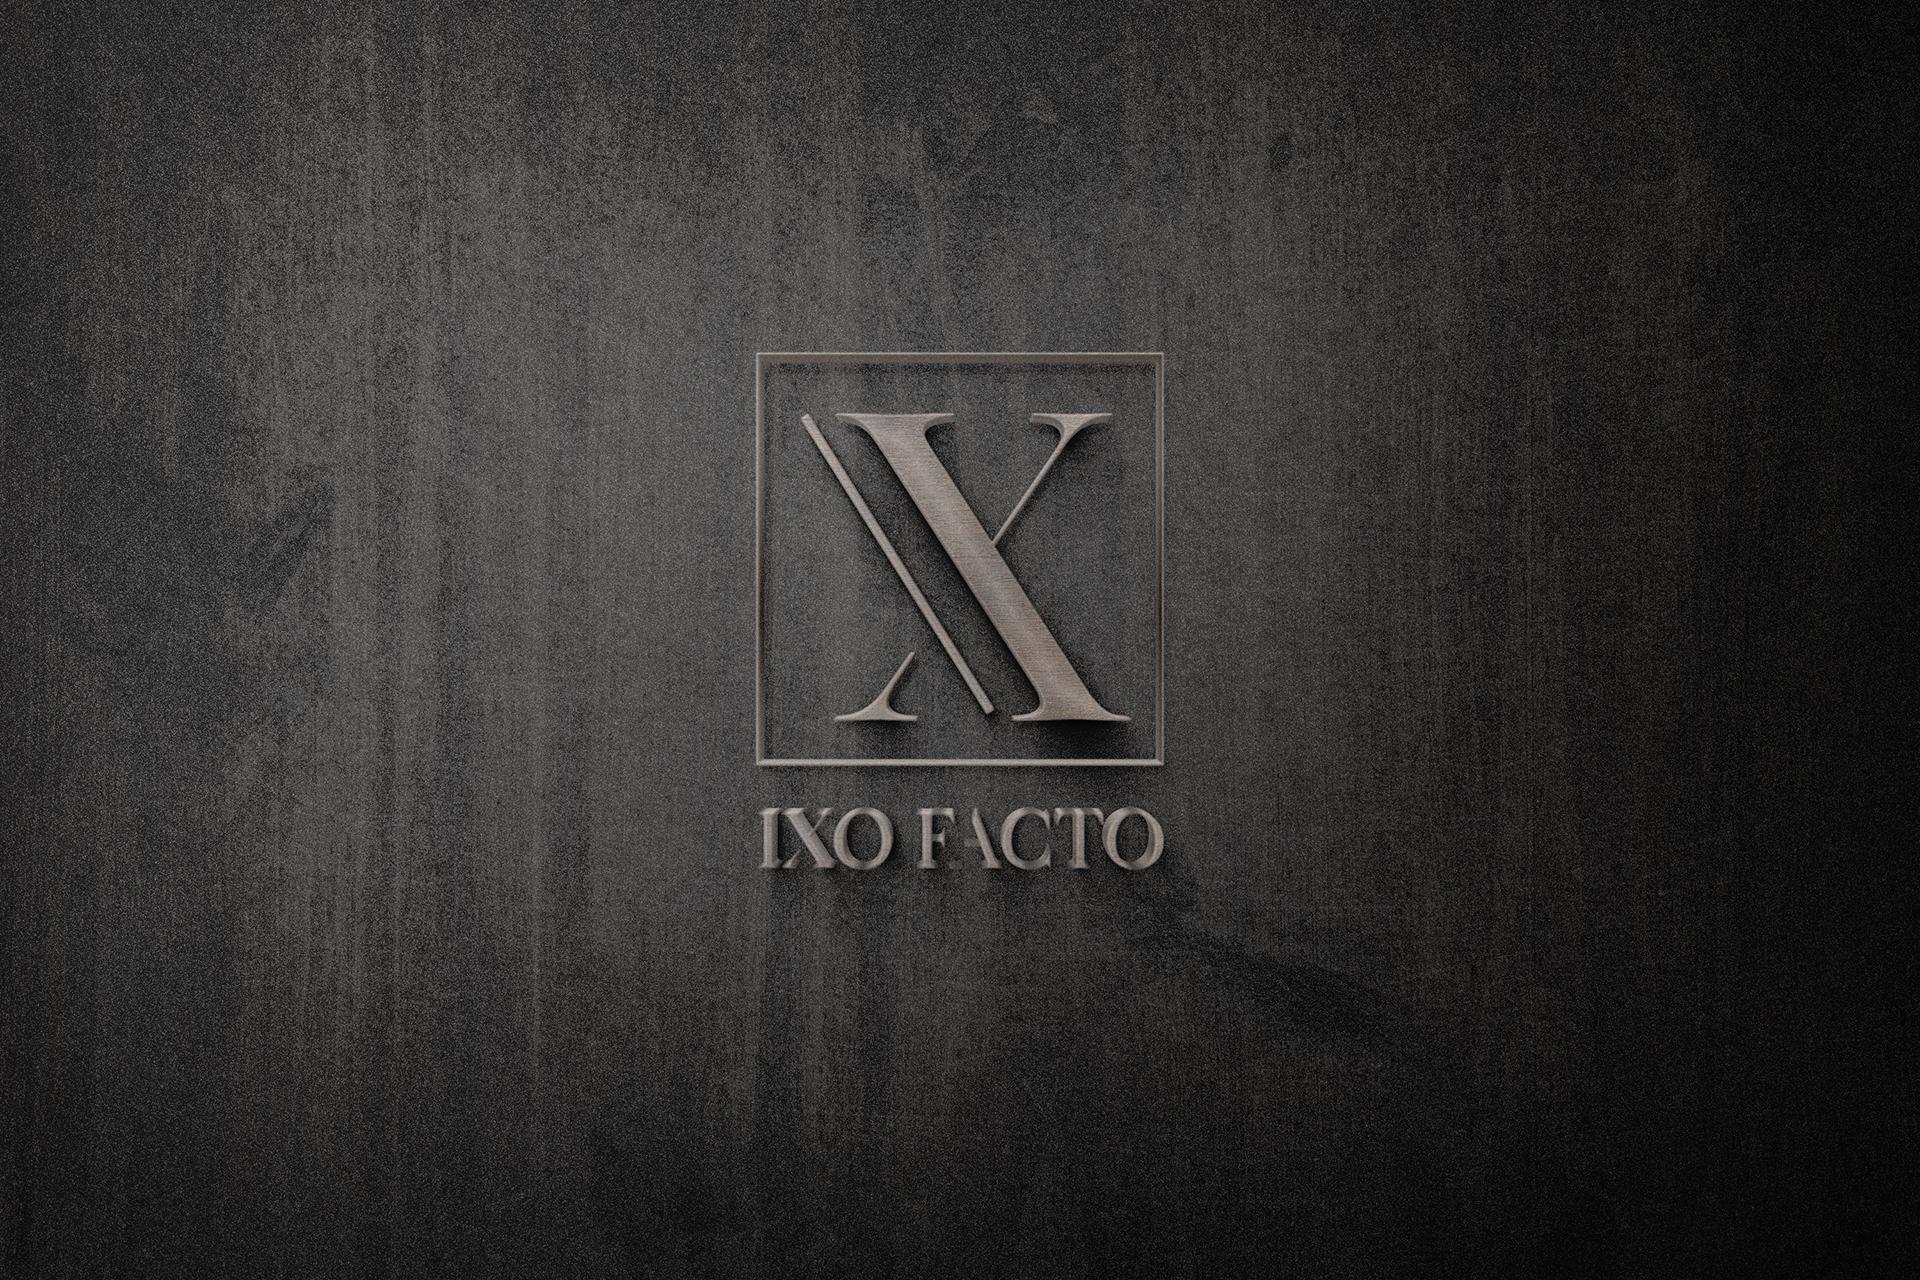 Slide-up-logo-ixo-facto-graphic-design-digital-web-communication-bruxelles-julie-enez